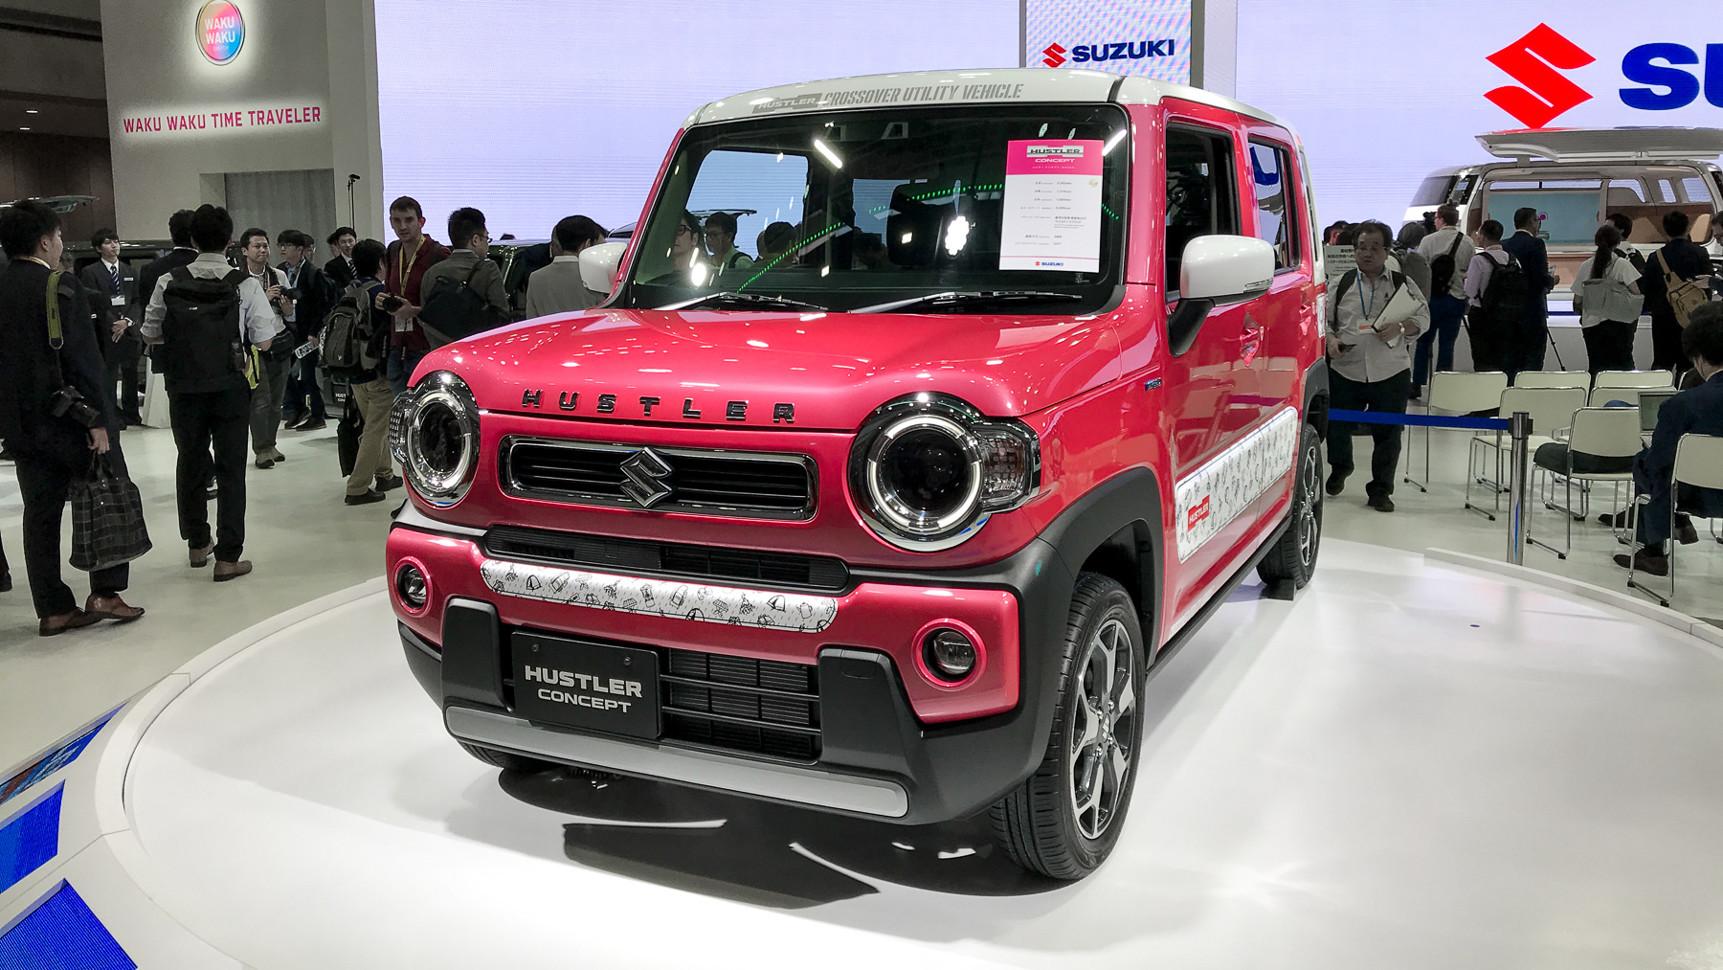 Suzuki Hustler нового поколения